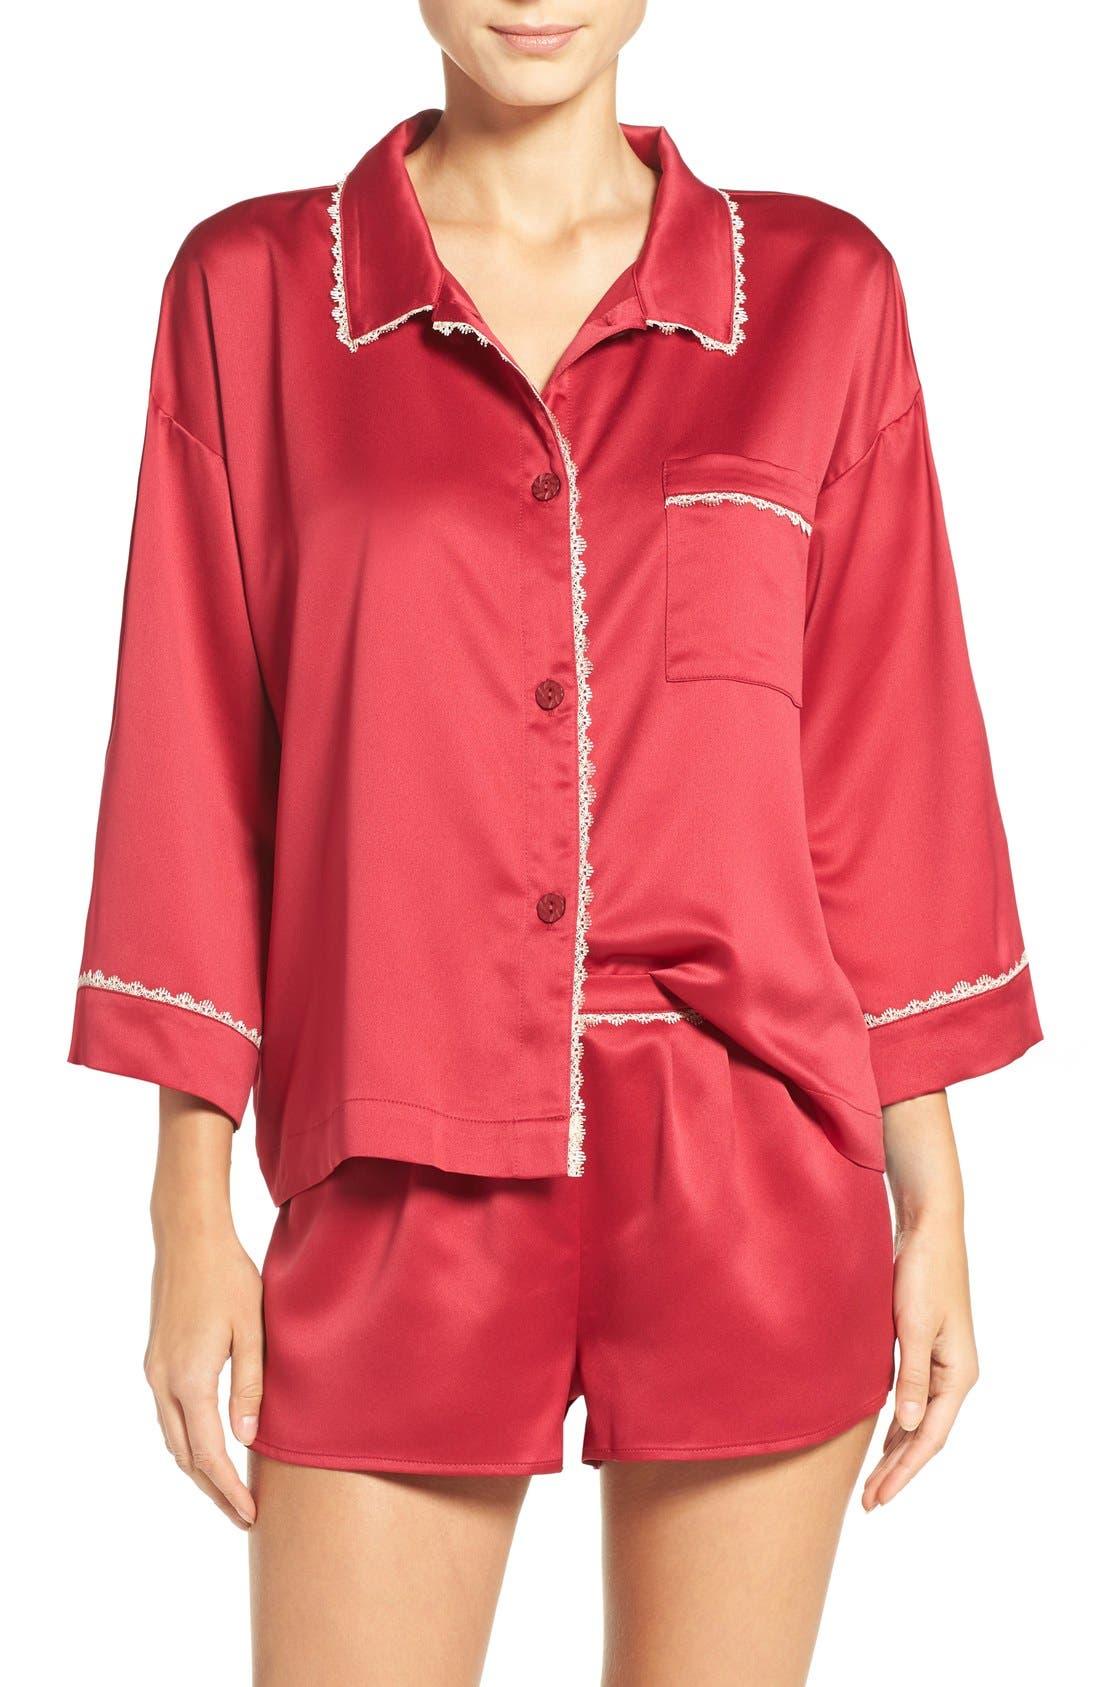 Alternate Image 1 Selected - Flora Nikrooz Wisteria Satin Pajamas